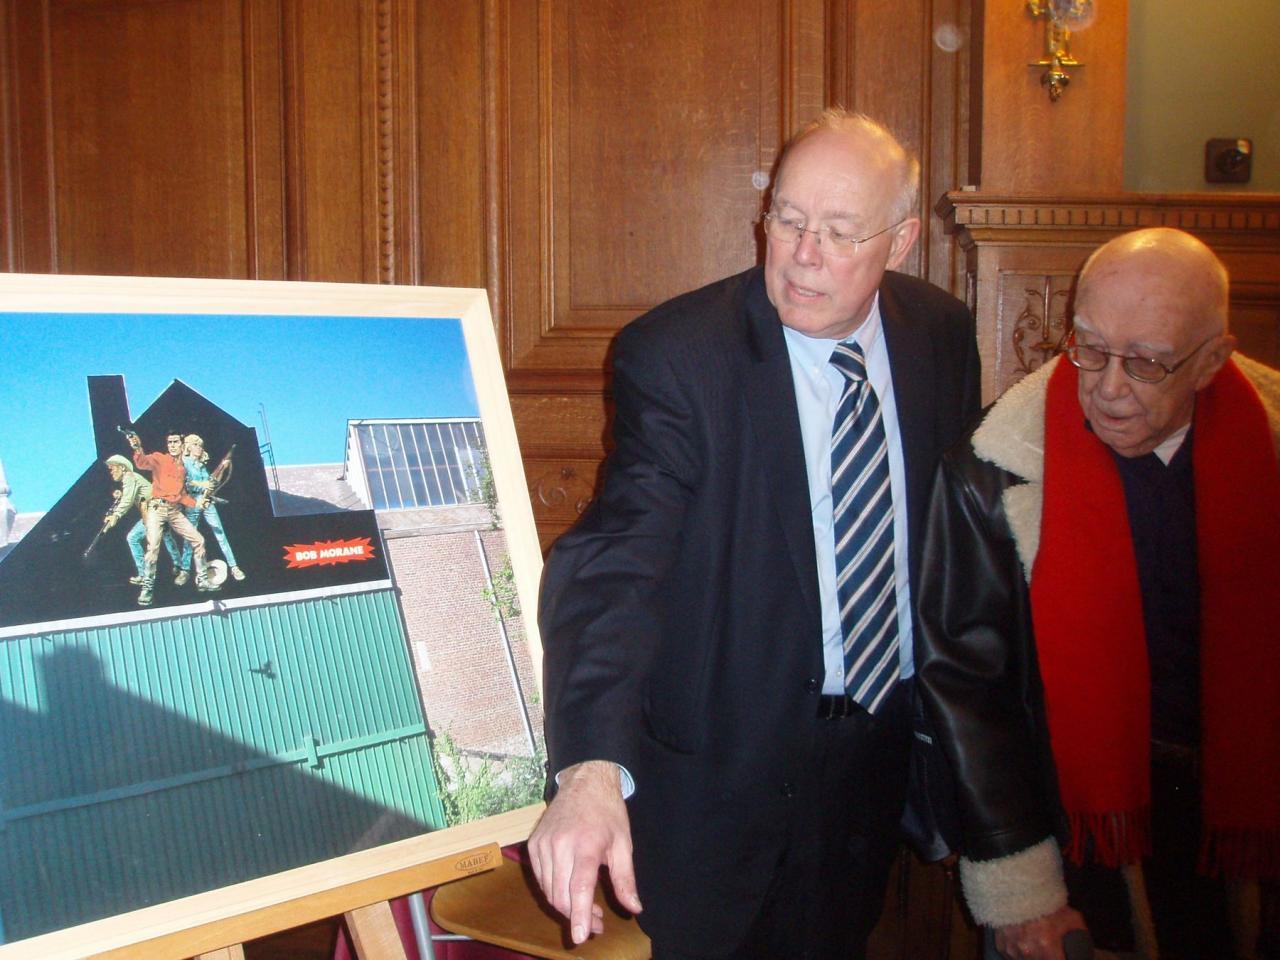 Le projet de la fresque dévoilé avec MM Picqué et Vernes